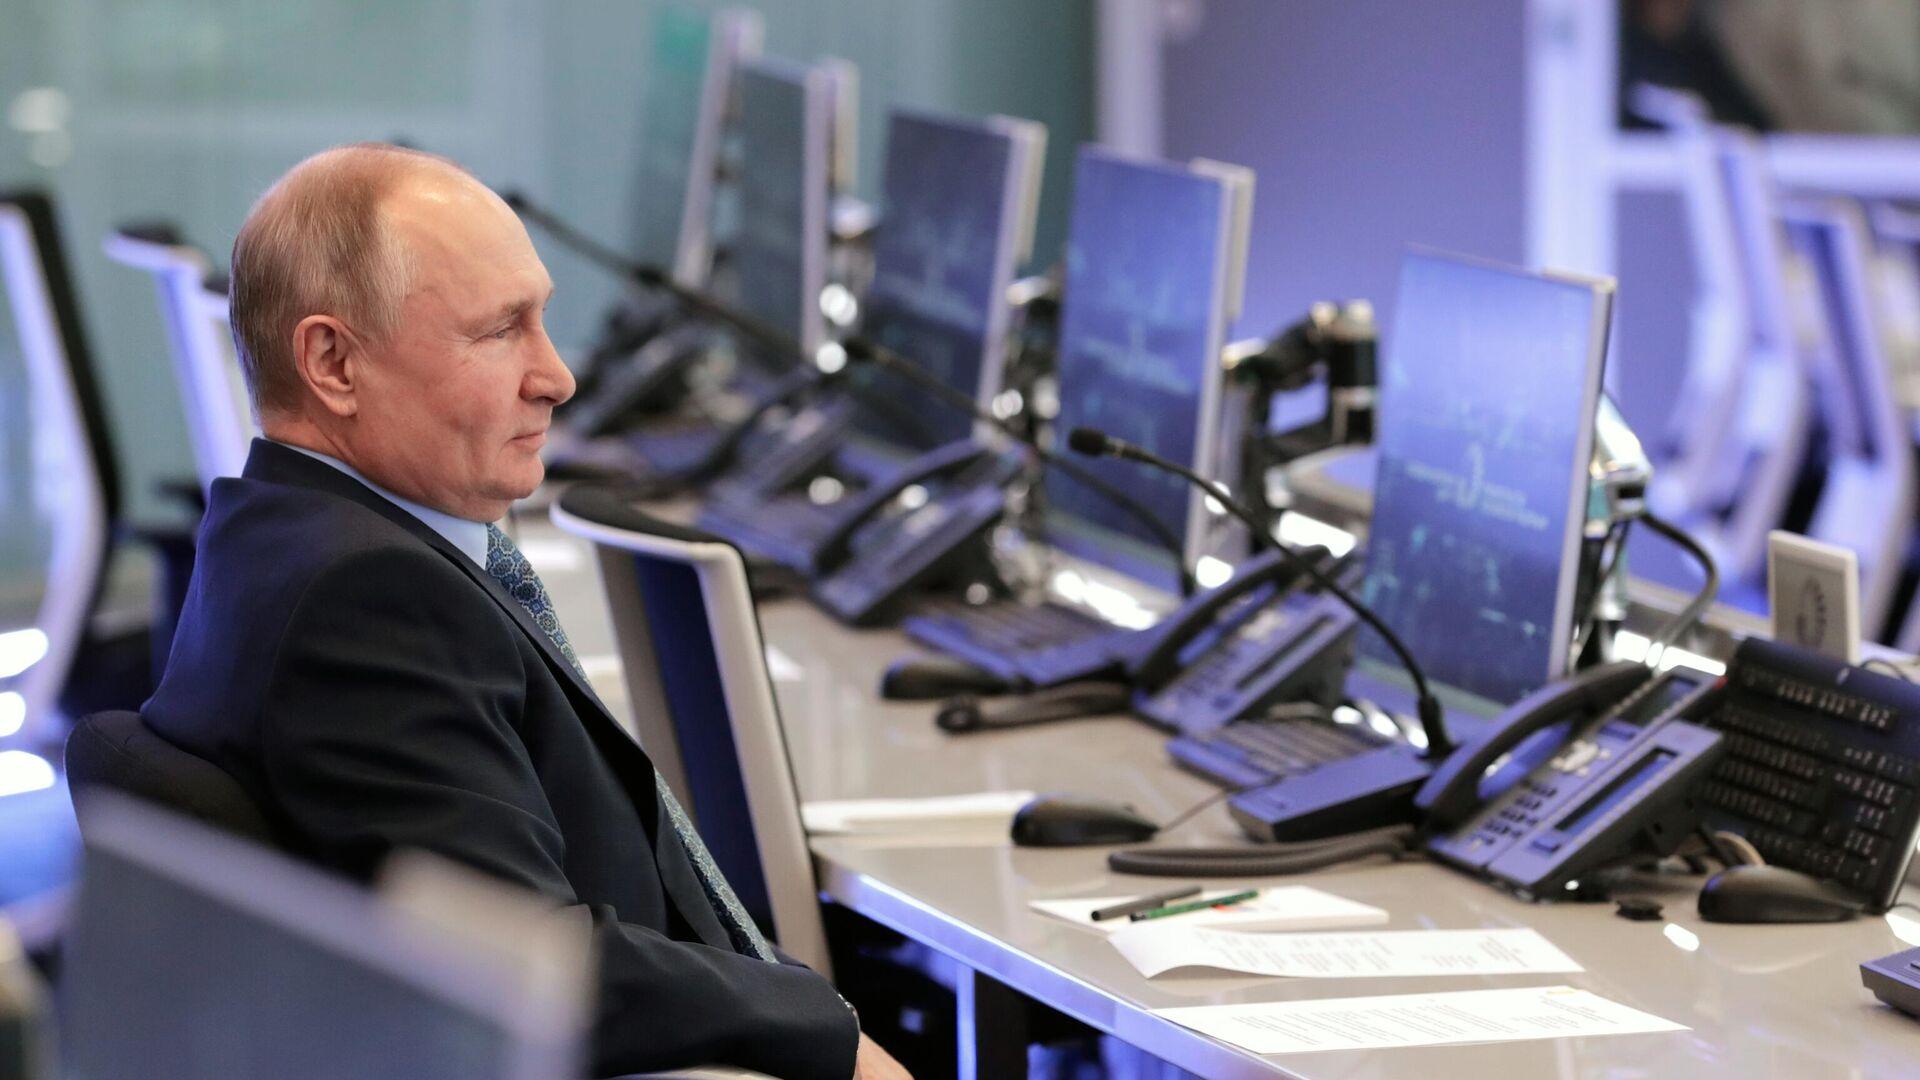 Президент РФ Владимир Путин во время посещения Координационного центра правительства РФ - РИА Новости, 1920, 14.04.2021